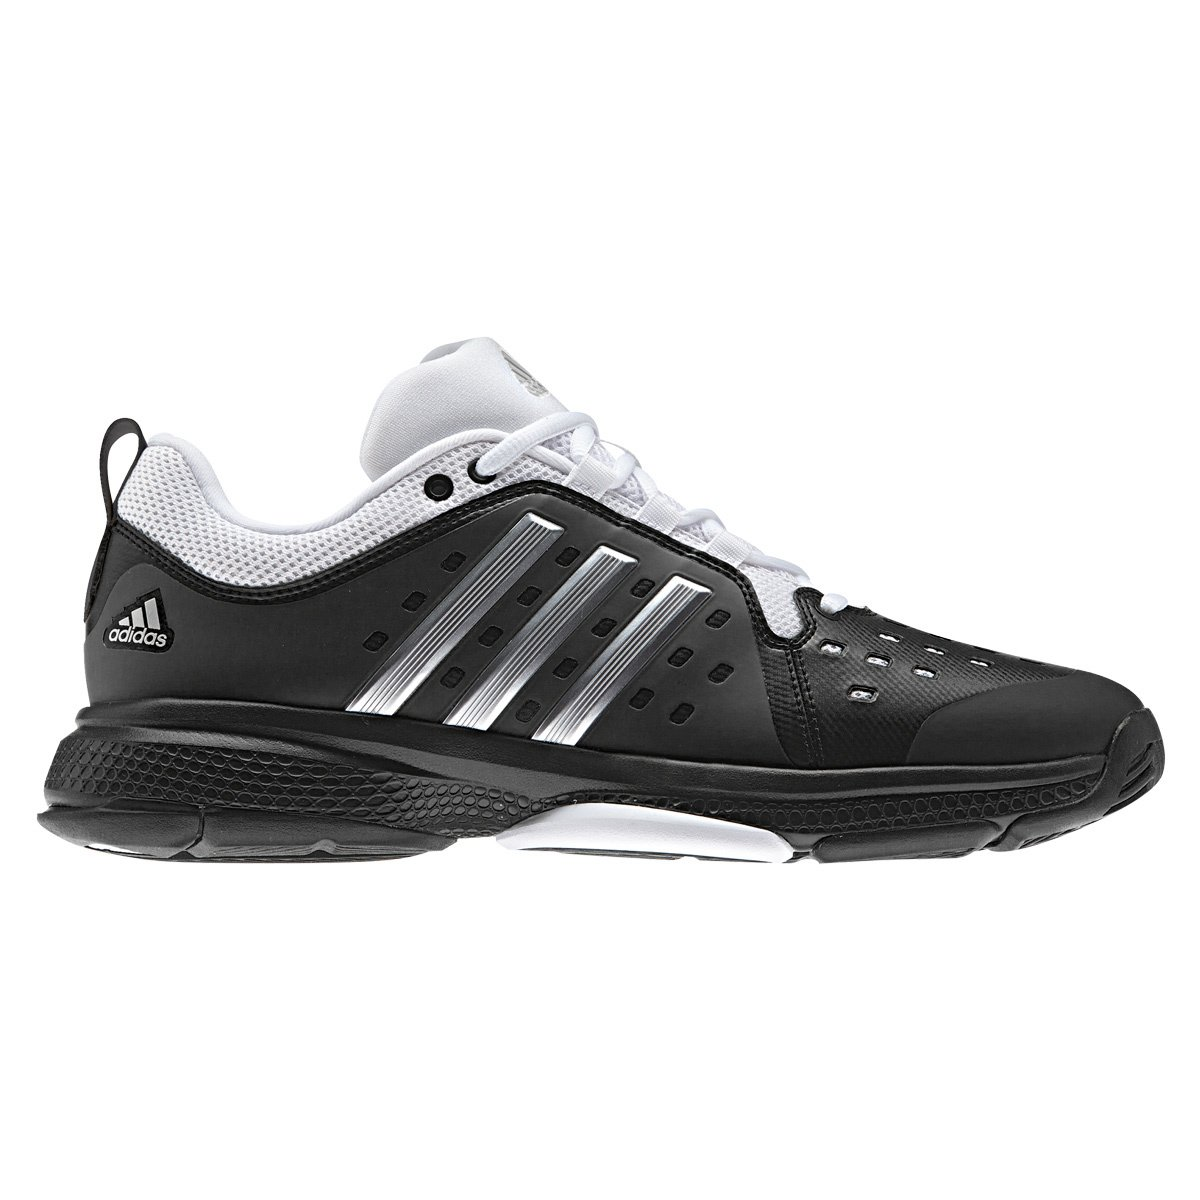 adidas Zapatillas Barricade Classic B CBLACK CG3108: Amazon.es: Deportes y aire libre